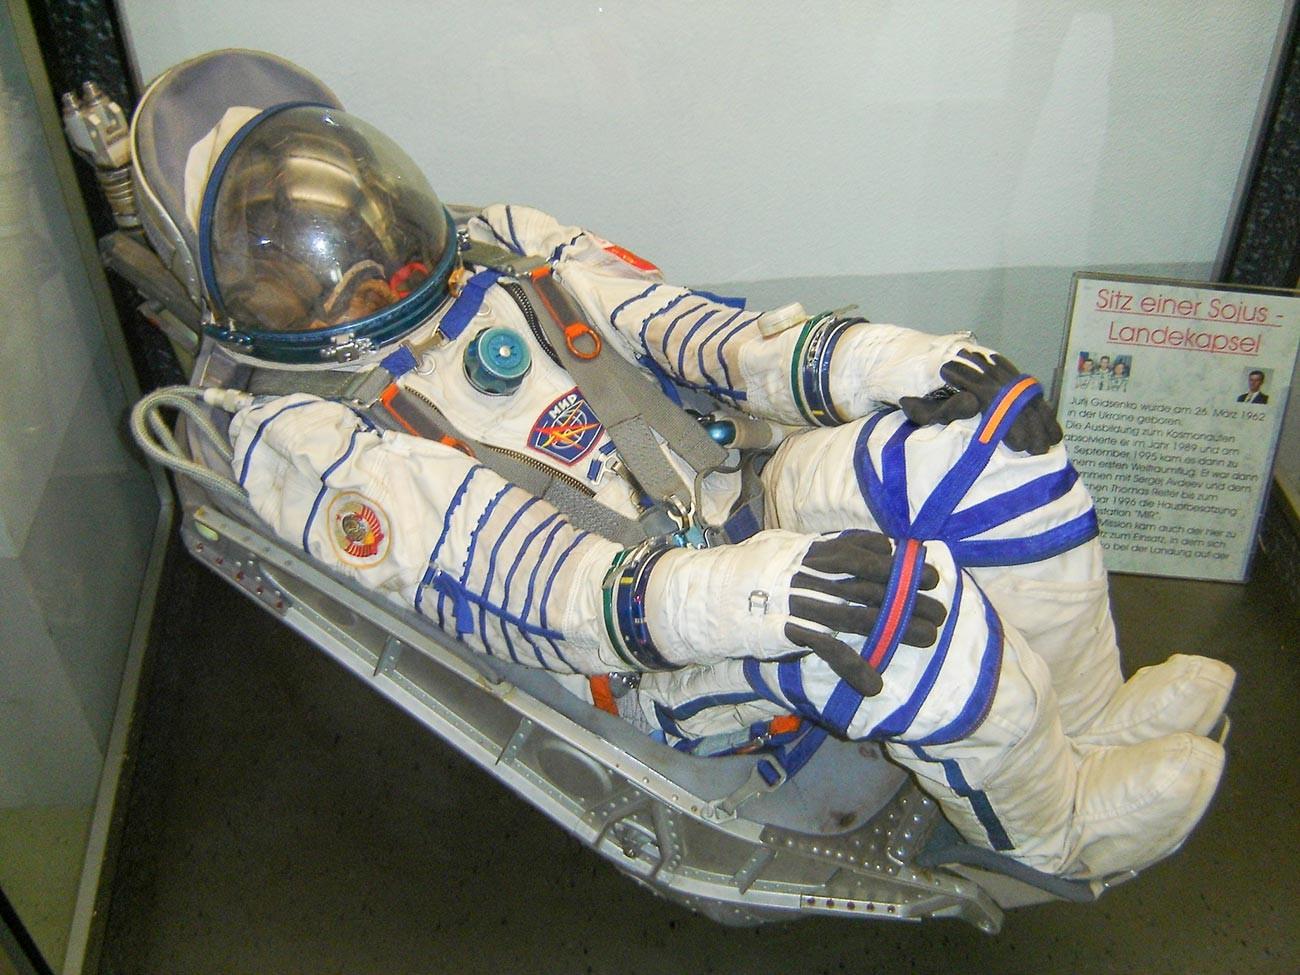 「ソユーズ」の着陸カプセル